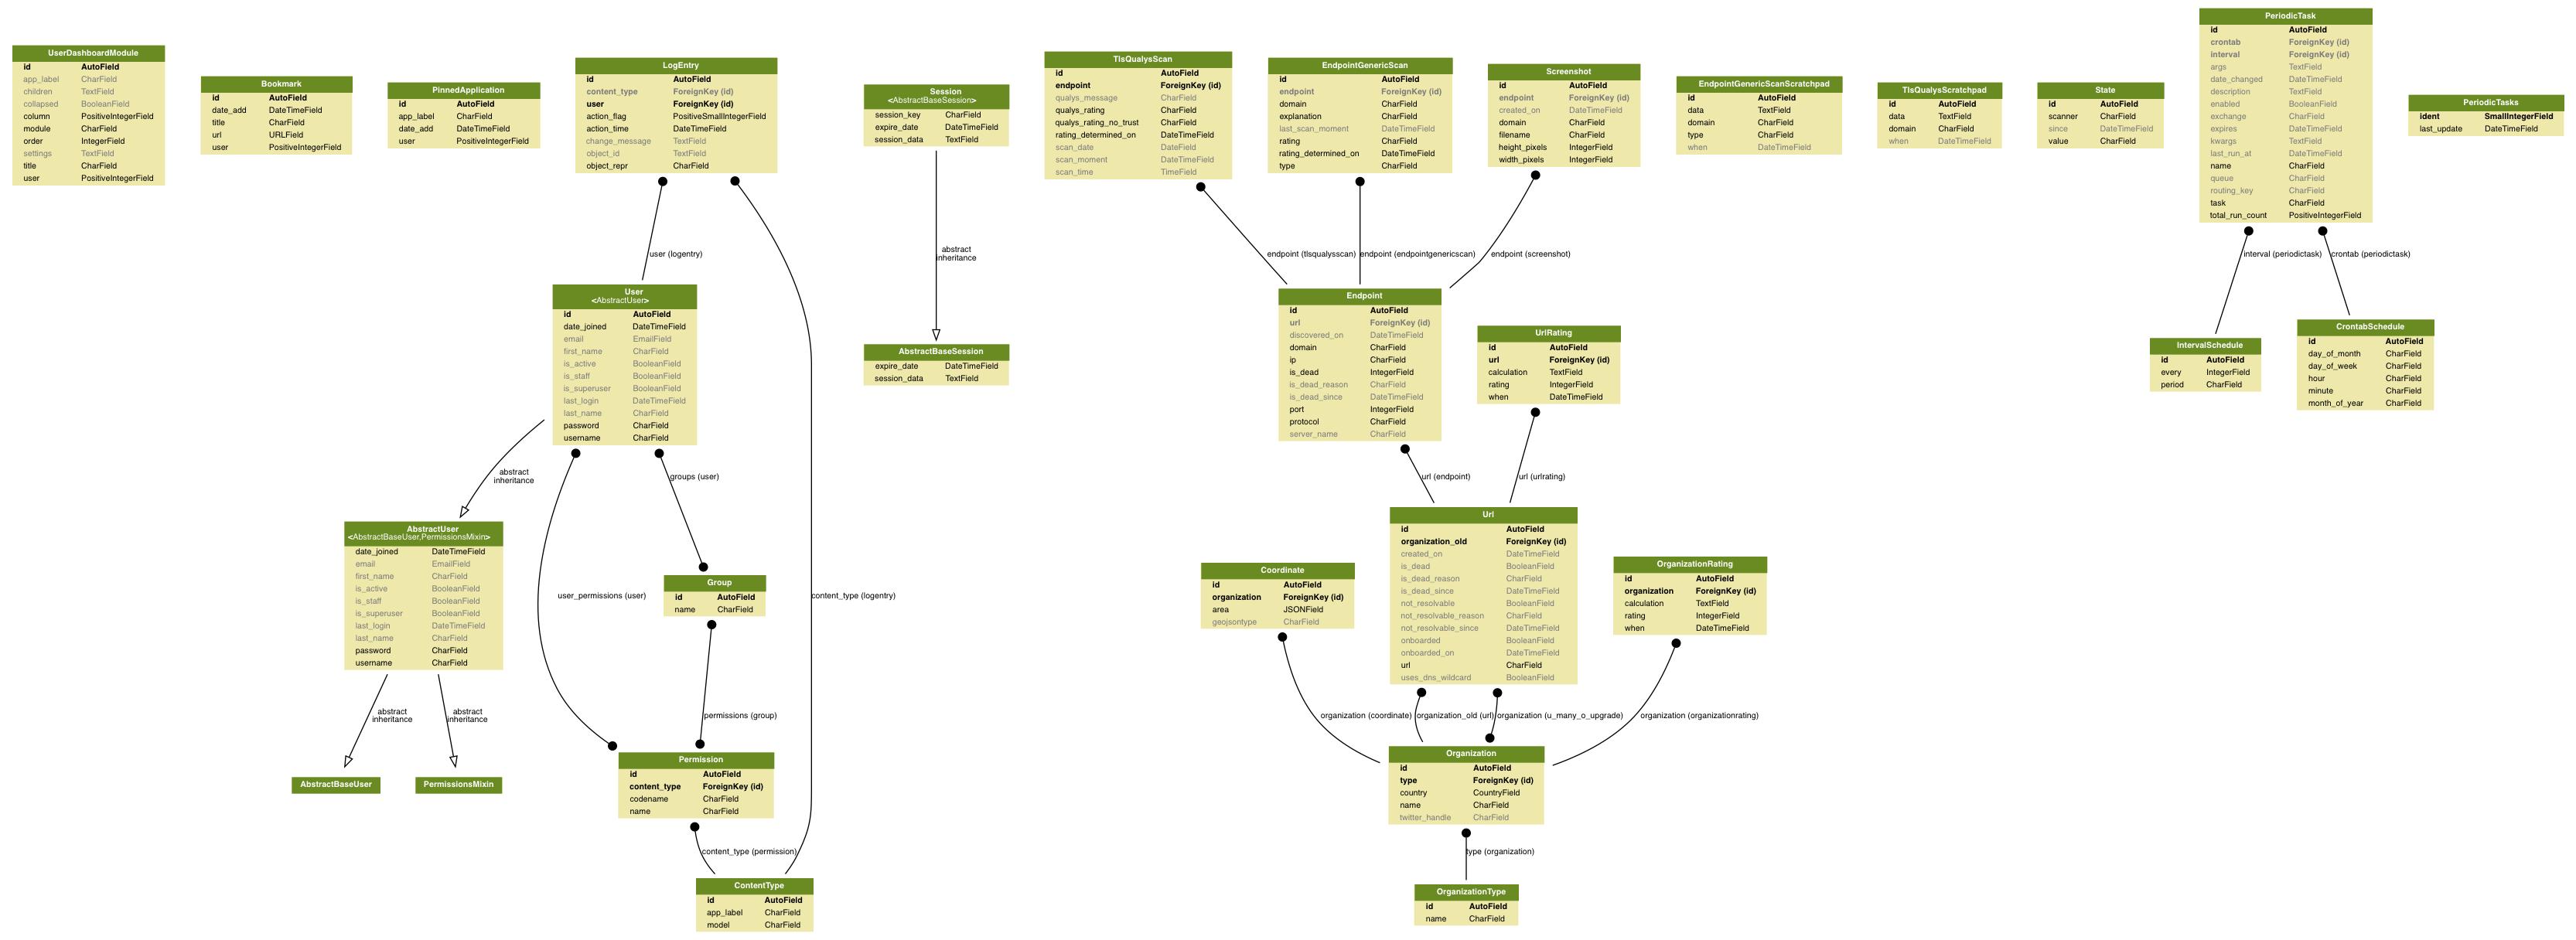 docs/failmap_models.png